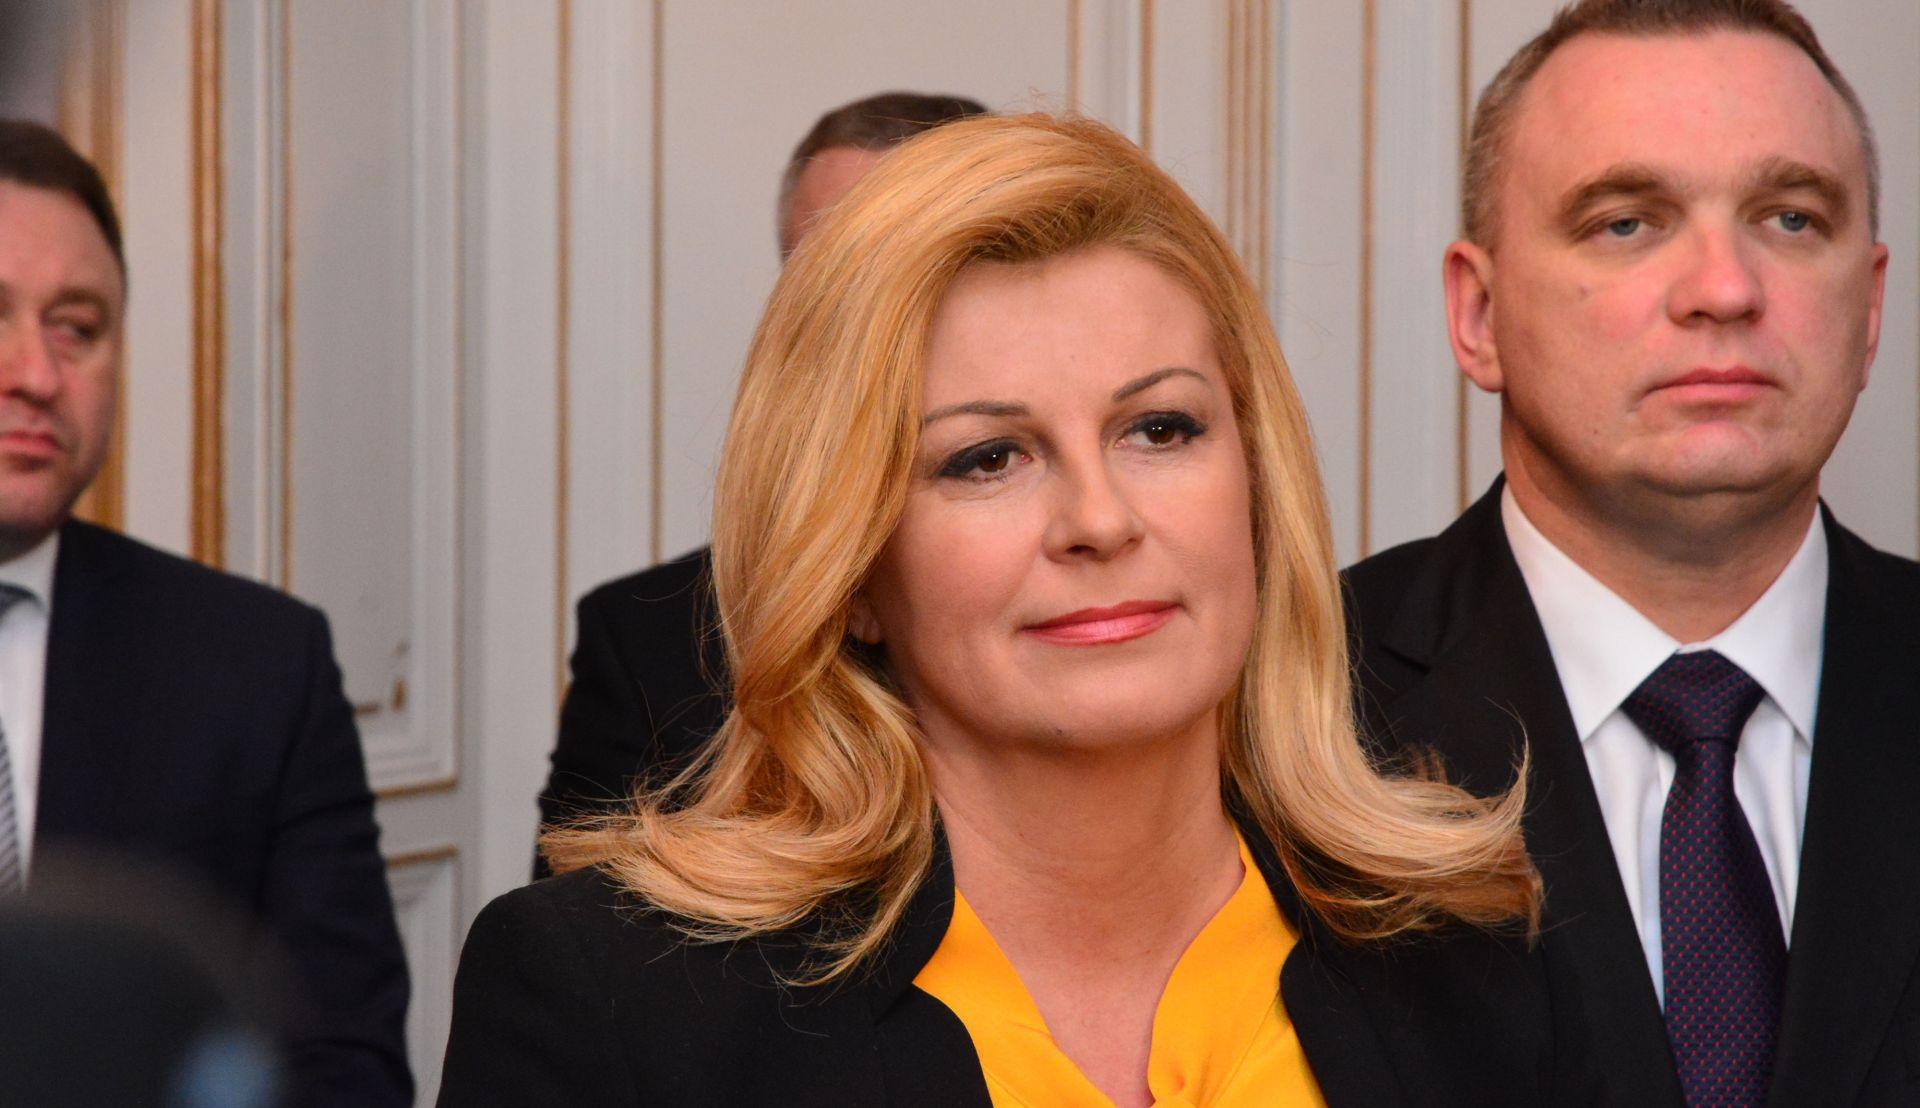 FPZG ne da podatak dolazi li Grabar Kitarović na predavanja